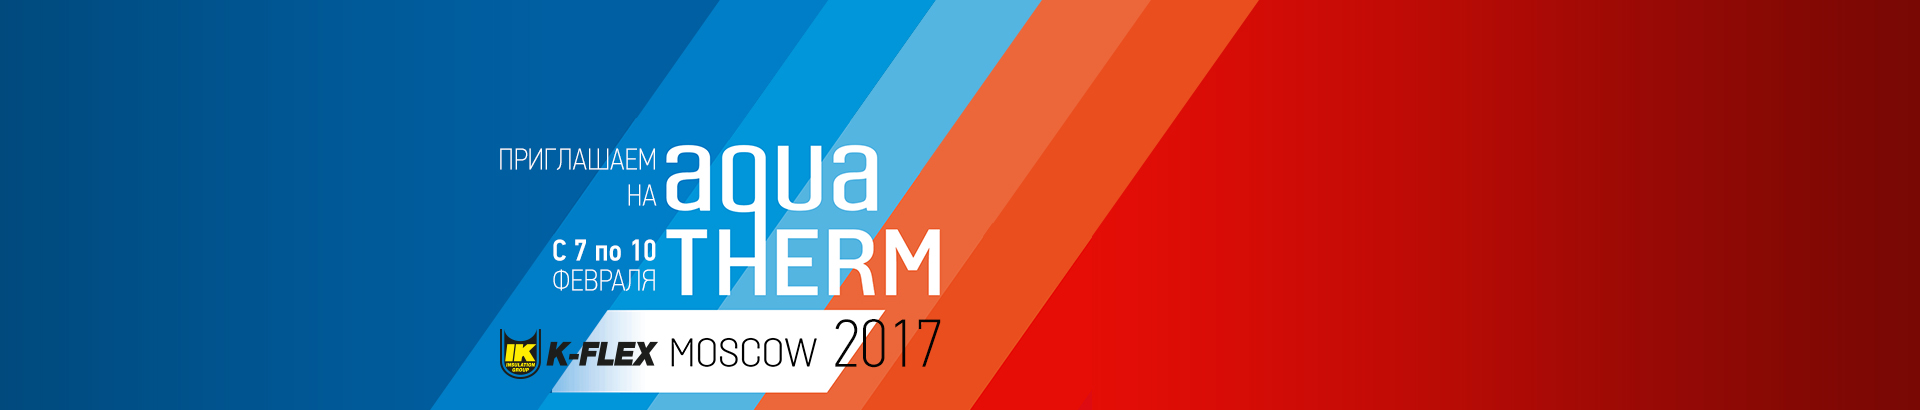 Aqua Therm 2017